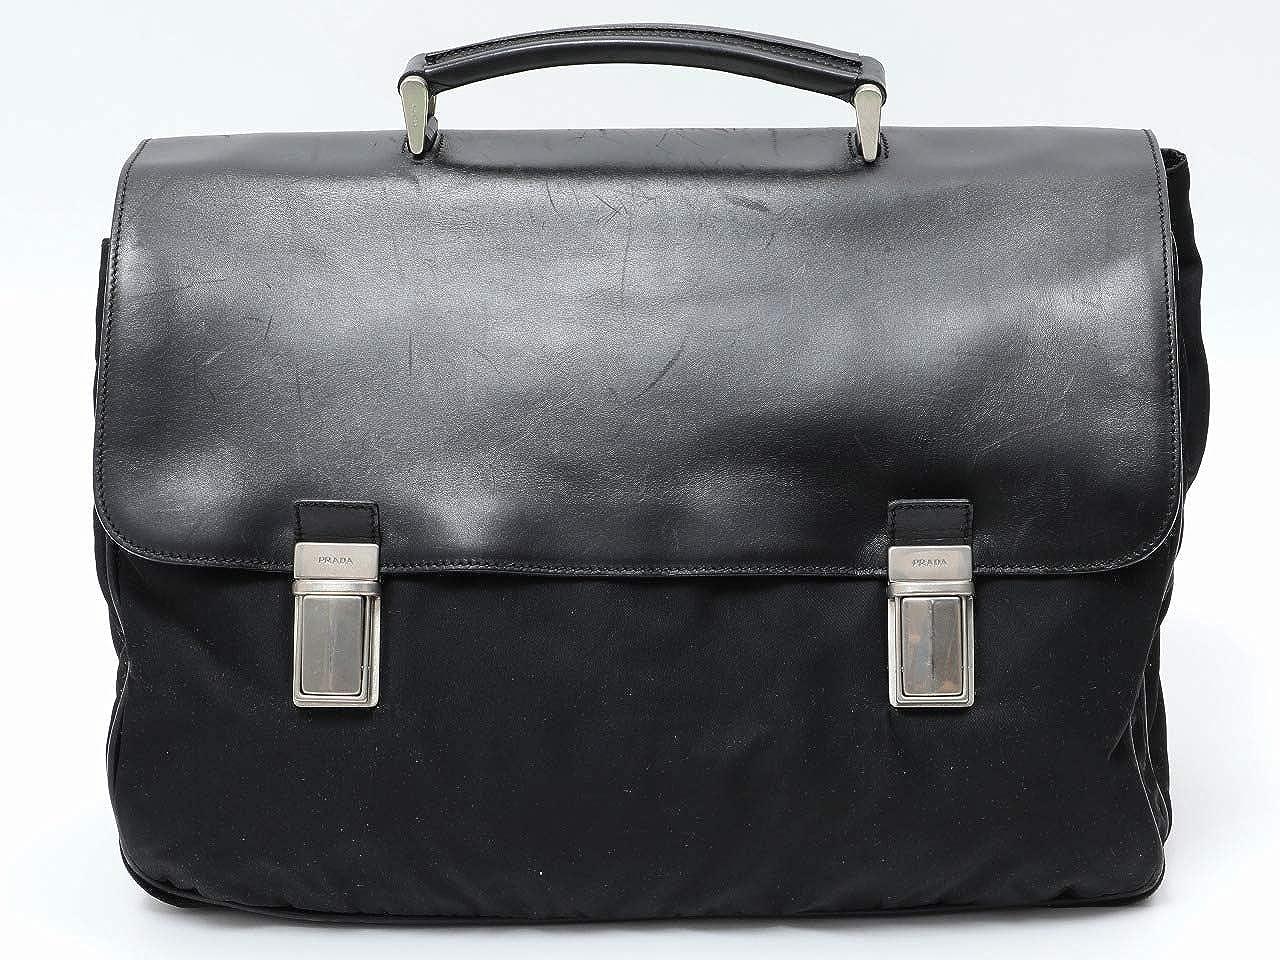 [プラダ]PRADA ビジネスバッグ ブリーフケース 書類かばん 黒/ナイロン×革[中古]   B07JG4FN3Q